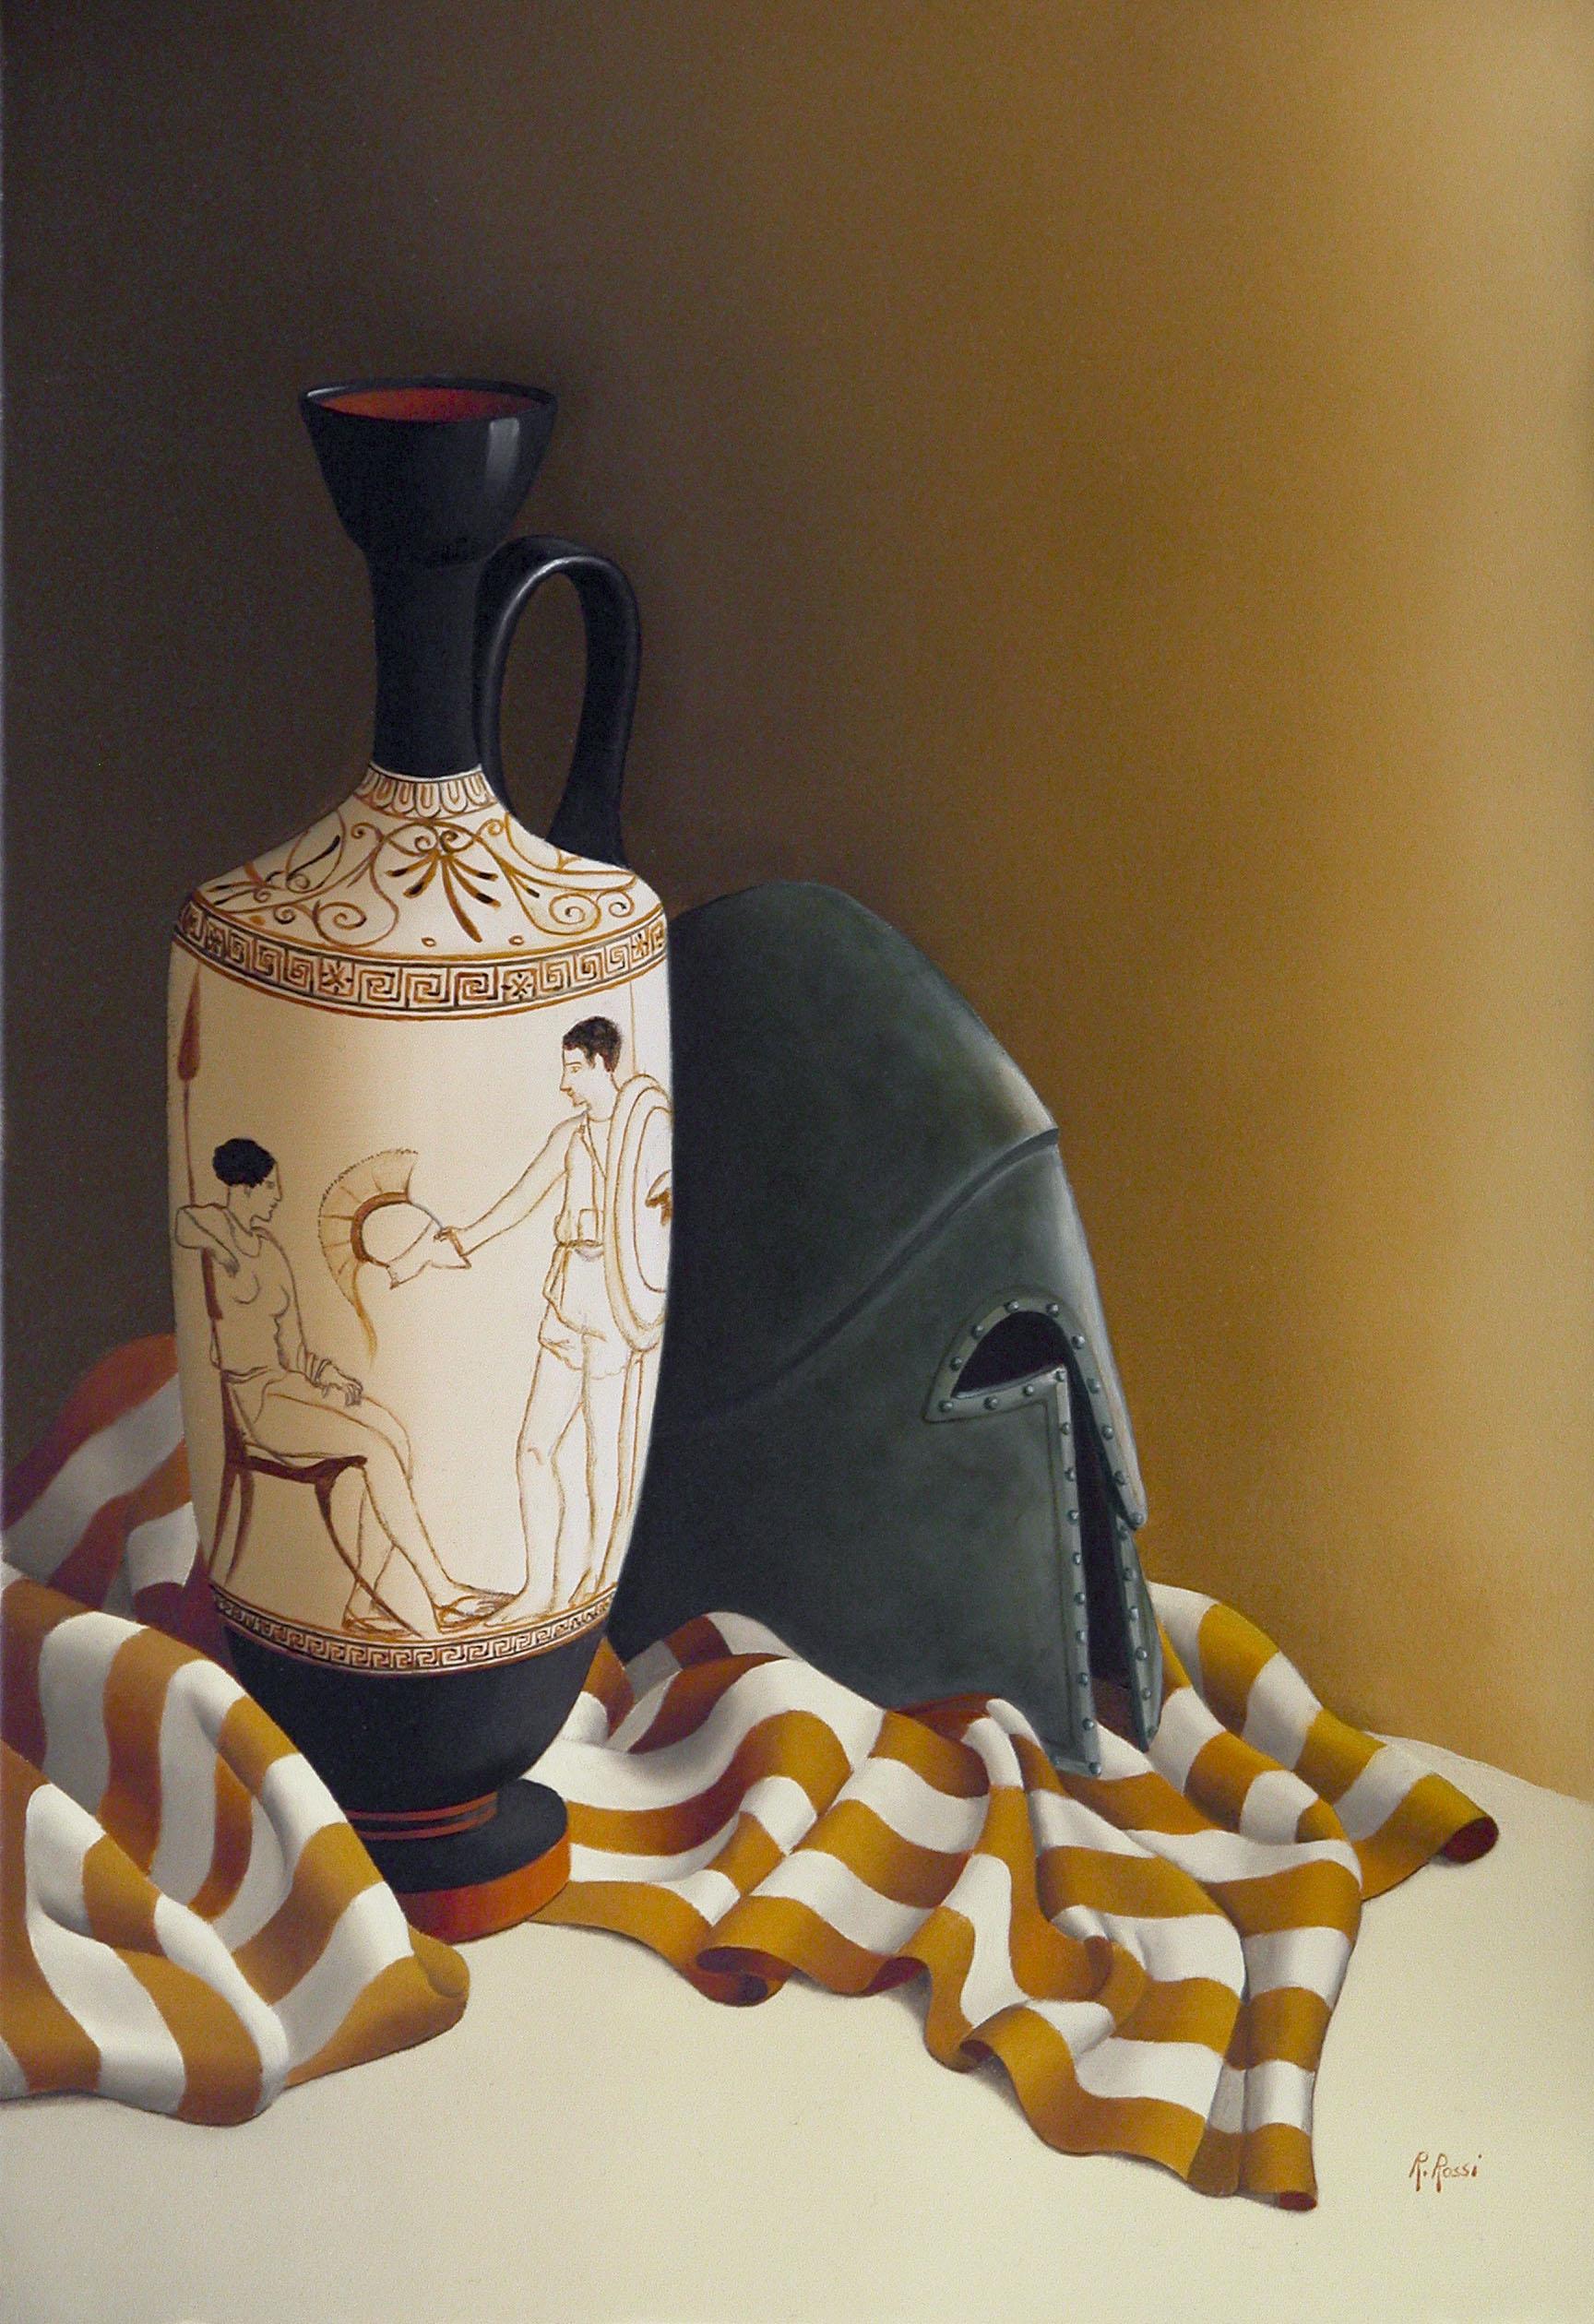 2008 roberta rossi - Partenza del guerriero - olio su tela - 50 x 34